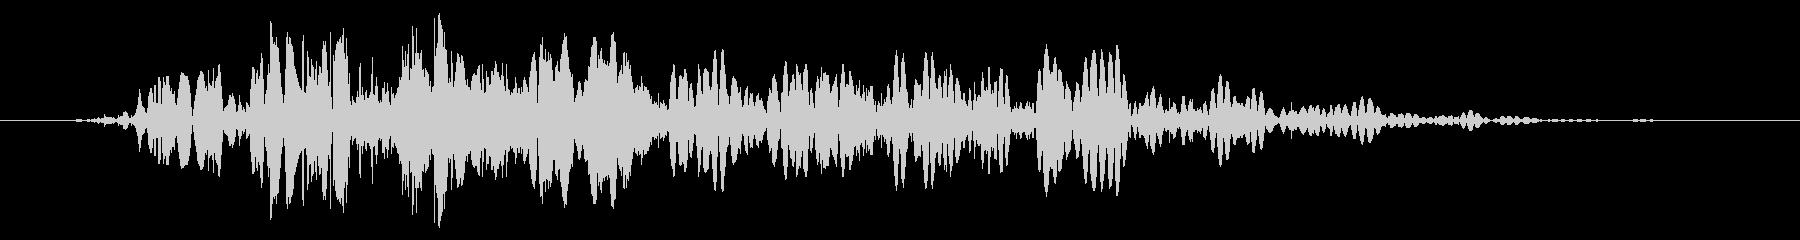 スライムなどが蠢く音 タイプC#5の未再生の波形